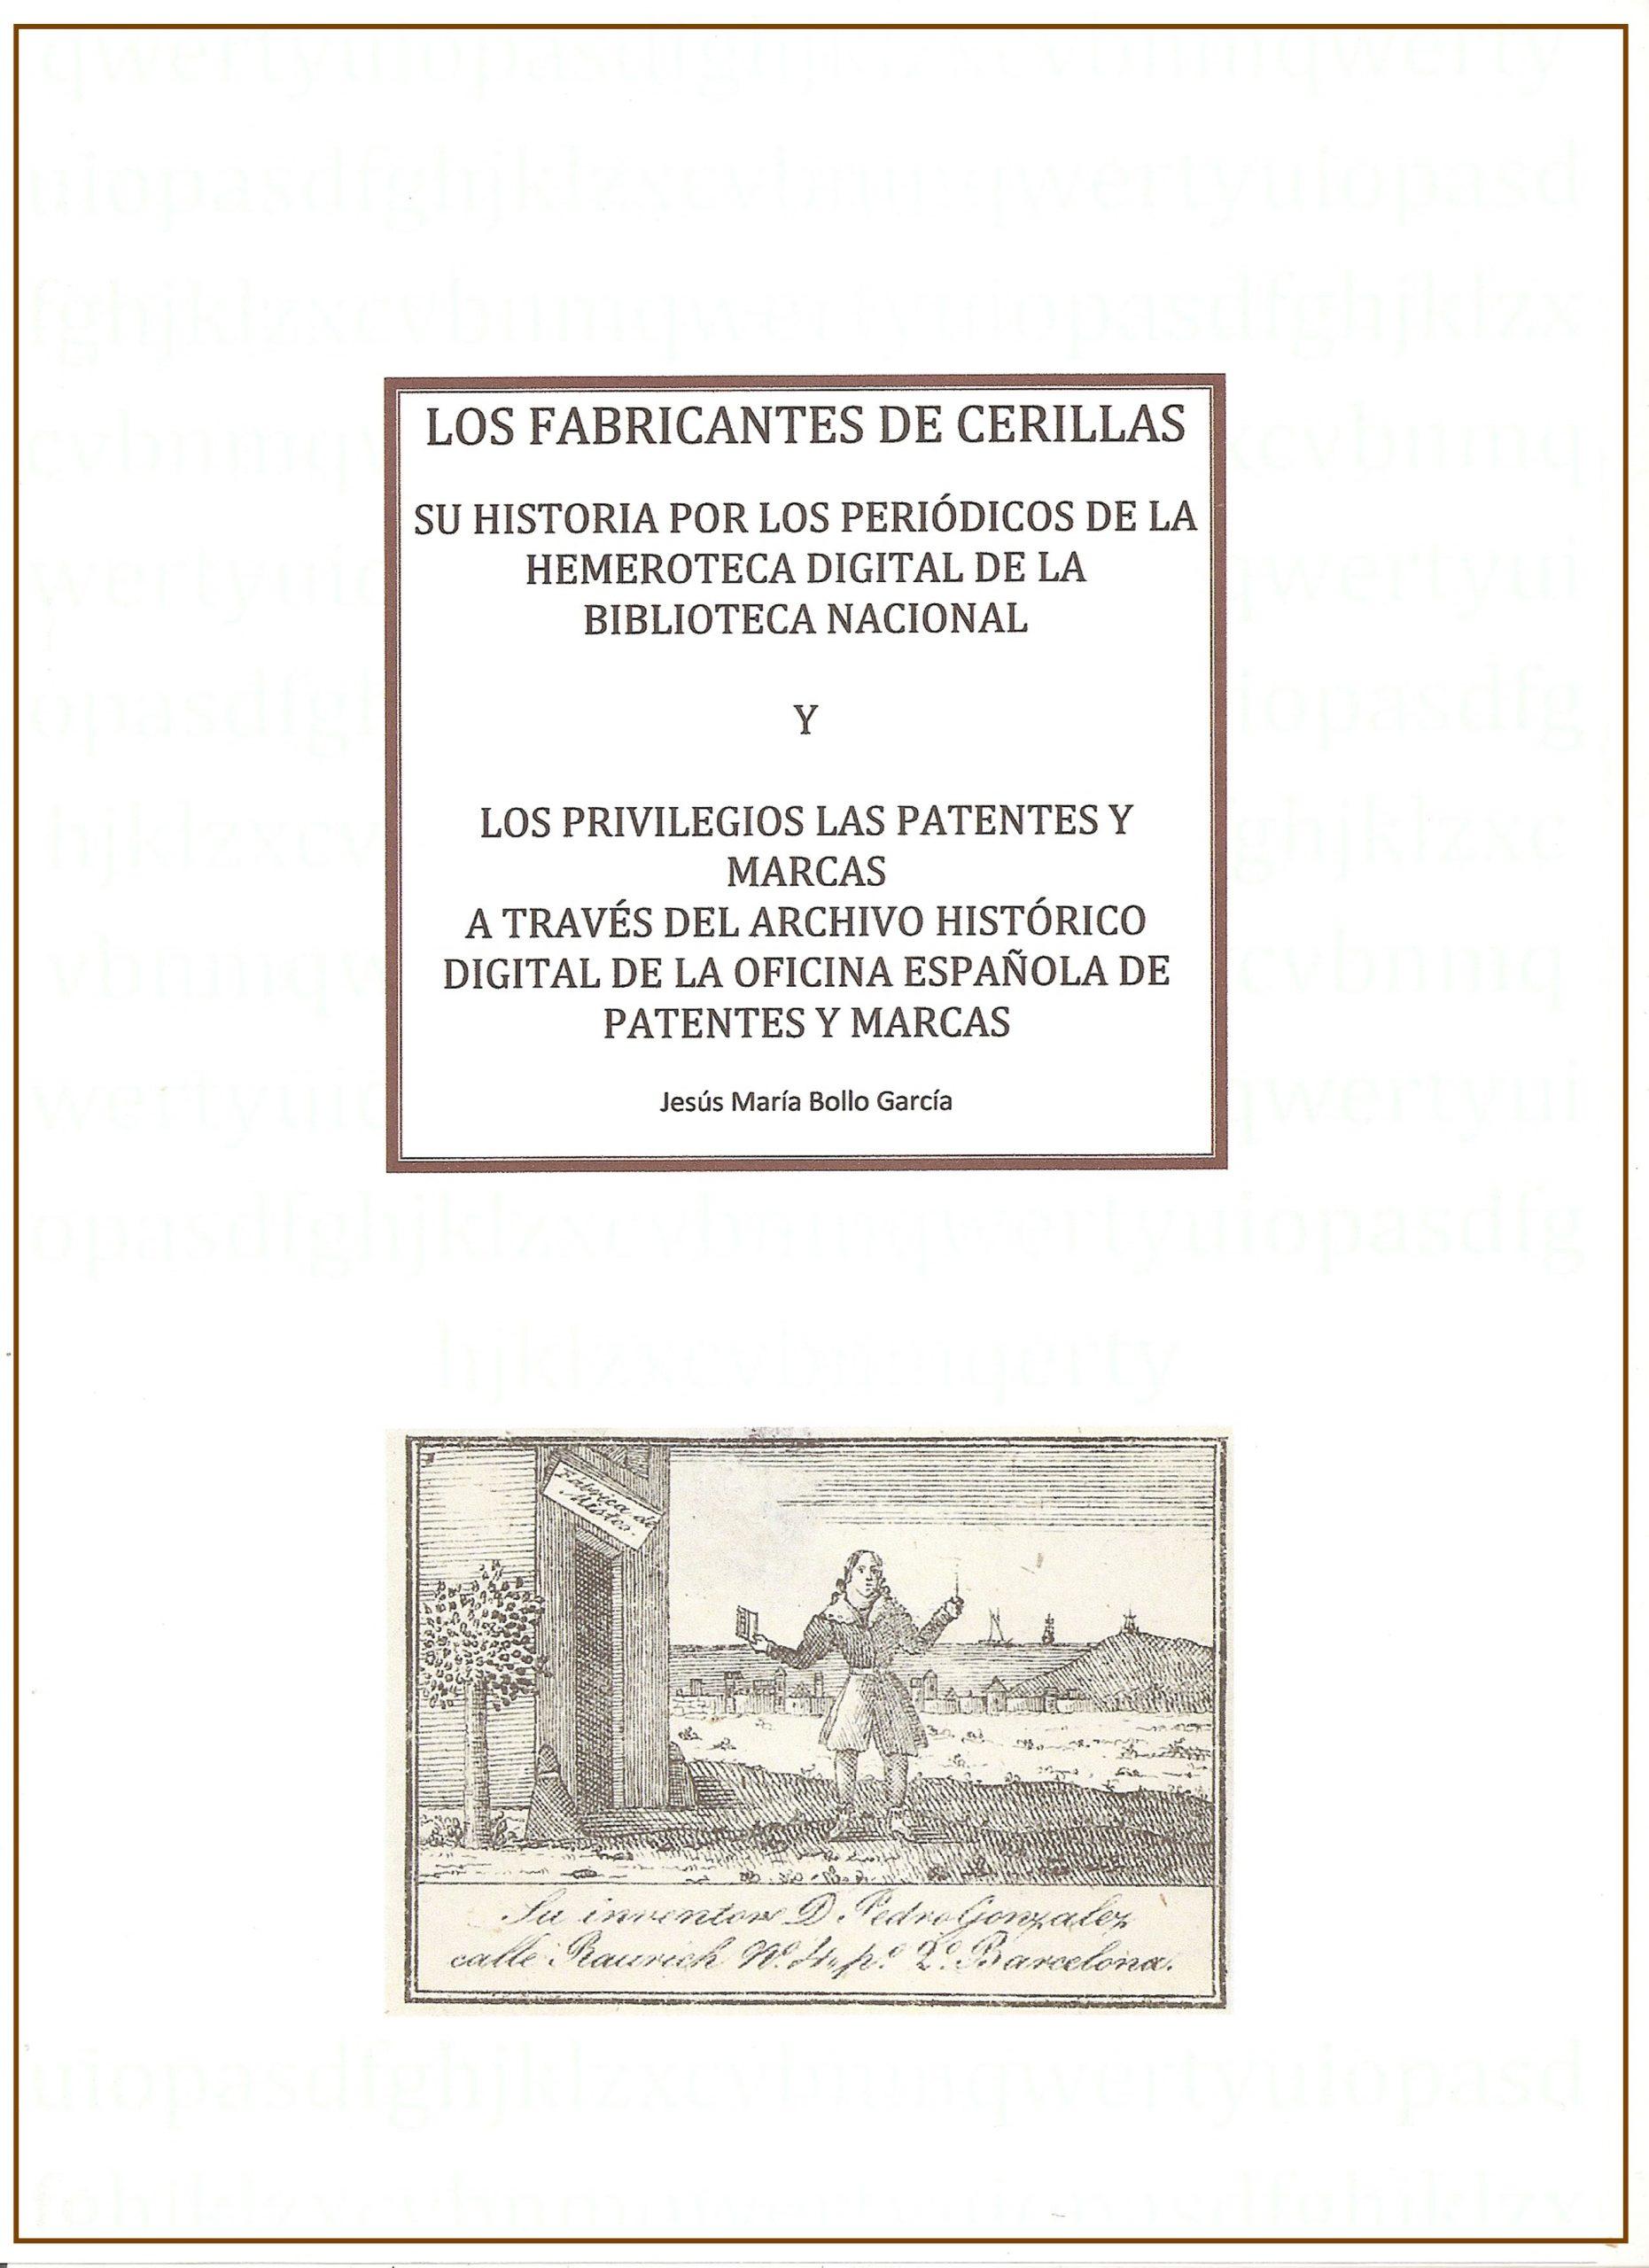 My book, Los Fabricantes de Cerillas